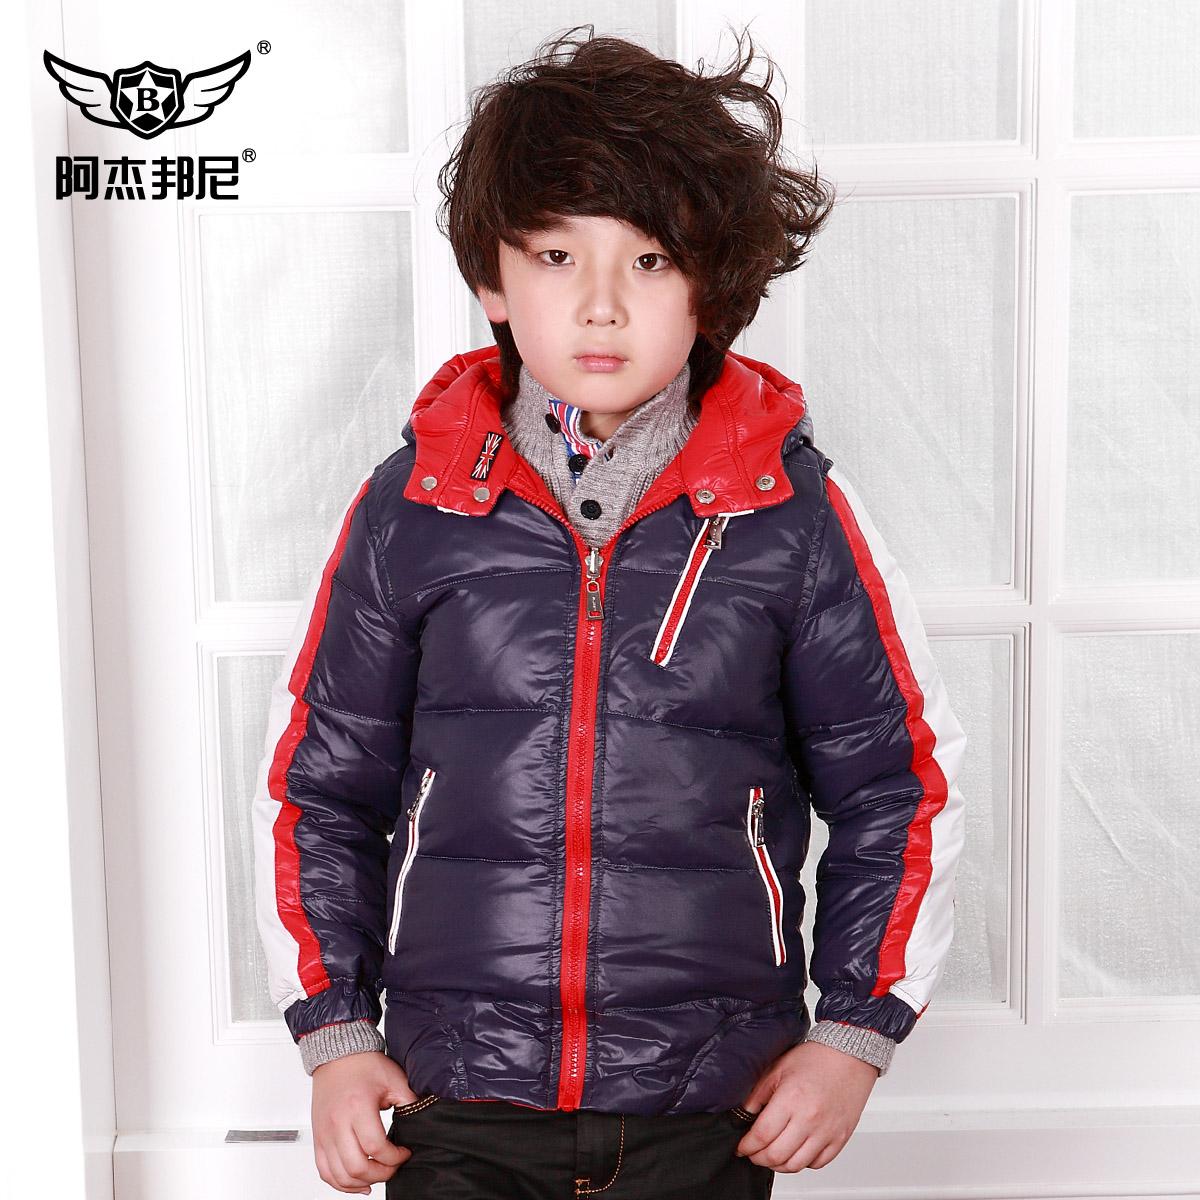 阿杰邦尼童装 2012男童冬装新款时尚百搭运动羽绒服 两面穿 正品